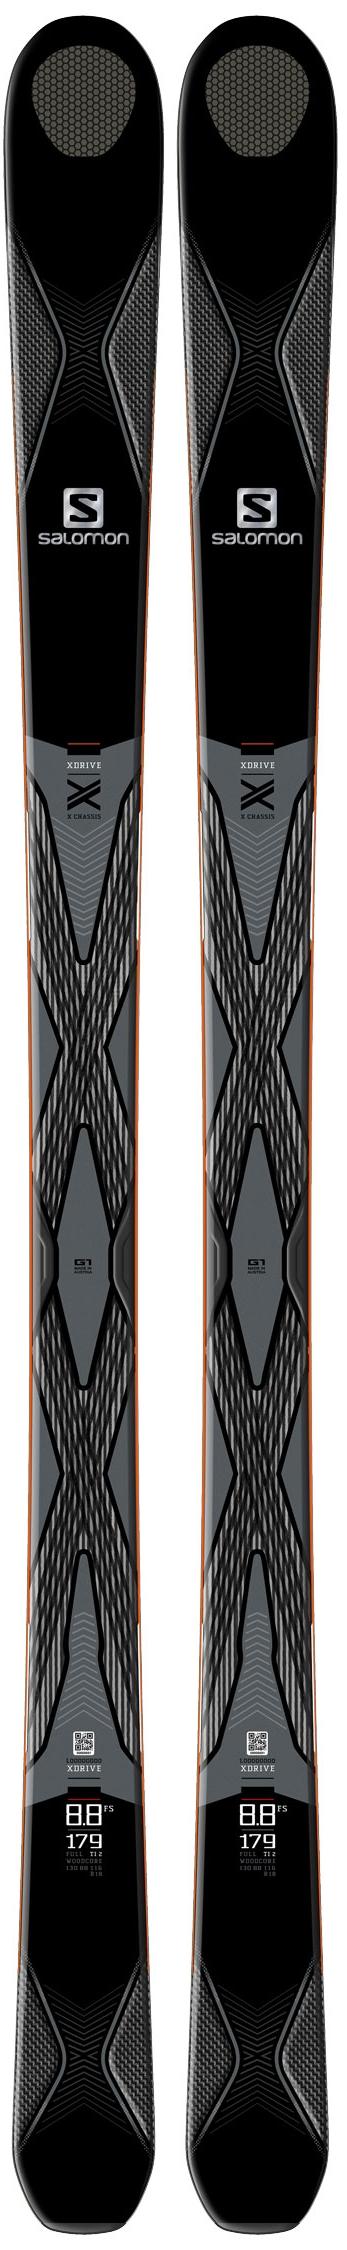 Salomon X-DRIVE 8.8 FS Skis, $699.95